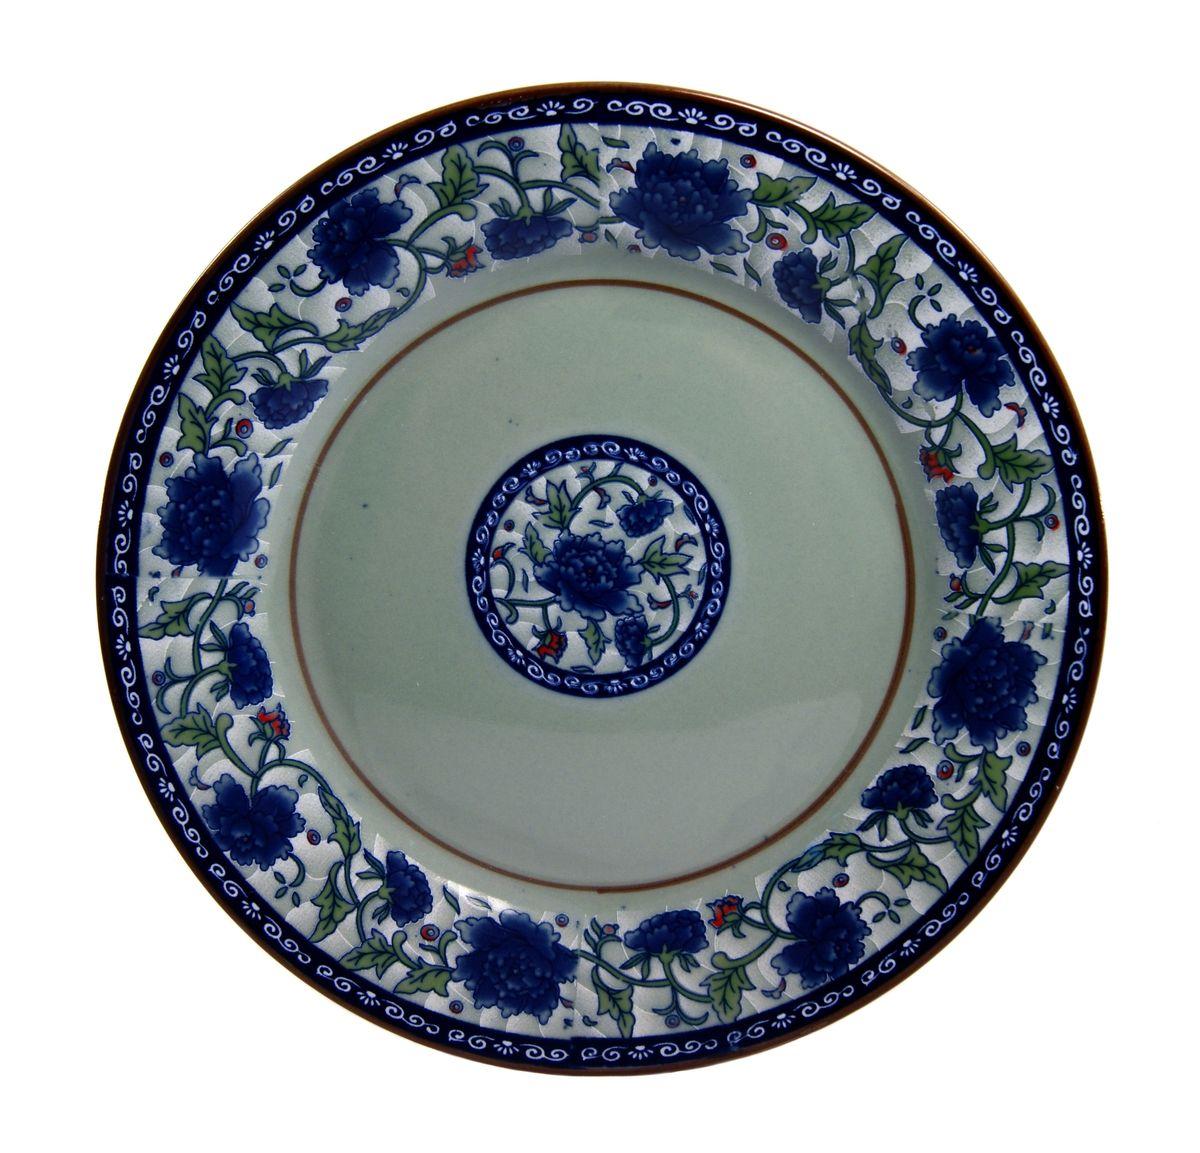 Тарелка для горячего Nanshan Porcelain Харбин, диаметр 25 см54 009312Тарелка Nanshan Porcelain Харбин изготовлена из высококачественной керамики. Предназначена для красивой подачи различных блюд. Посуда безопасна для здоровья и окружающей среды. Внутренние стенки оформлены изящным узором. Такая тарелка украсит сервировку стола и подчеркнет прекрасный вкус хозяйки. Она дополнит коллекцию вашей кухонной посуды и будет служить долгие годы. Можно мыть в посудомоечной машине и использовать в СВЧ. Диаметр: 25 см.Высота: 2 см.